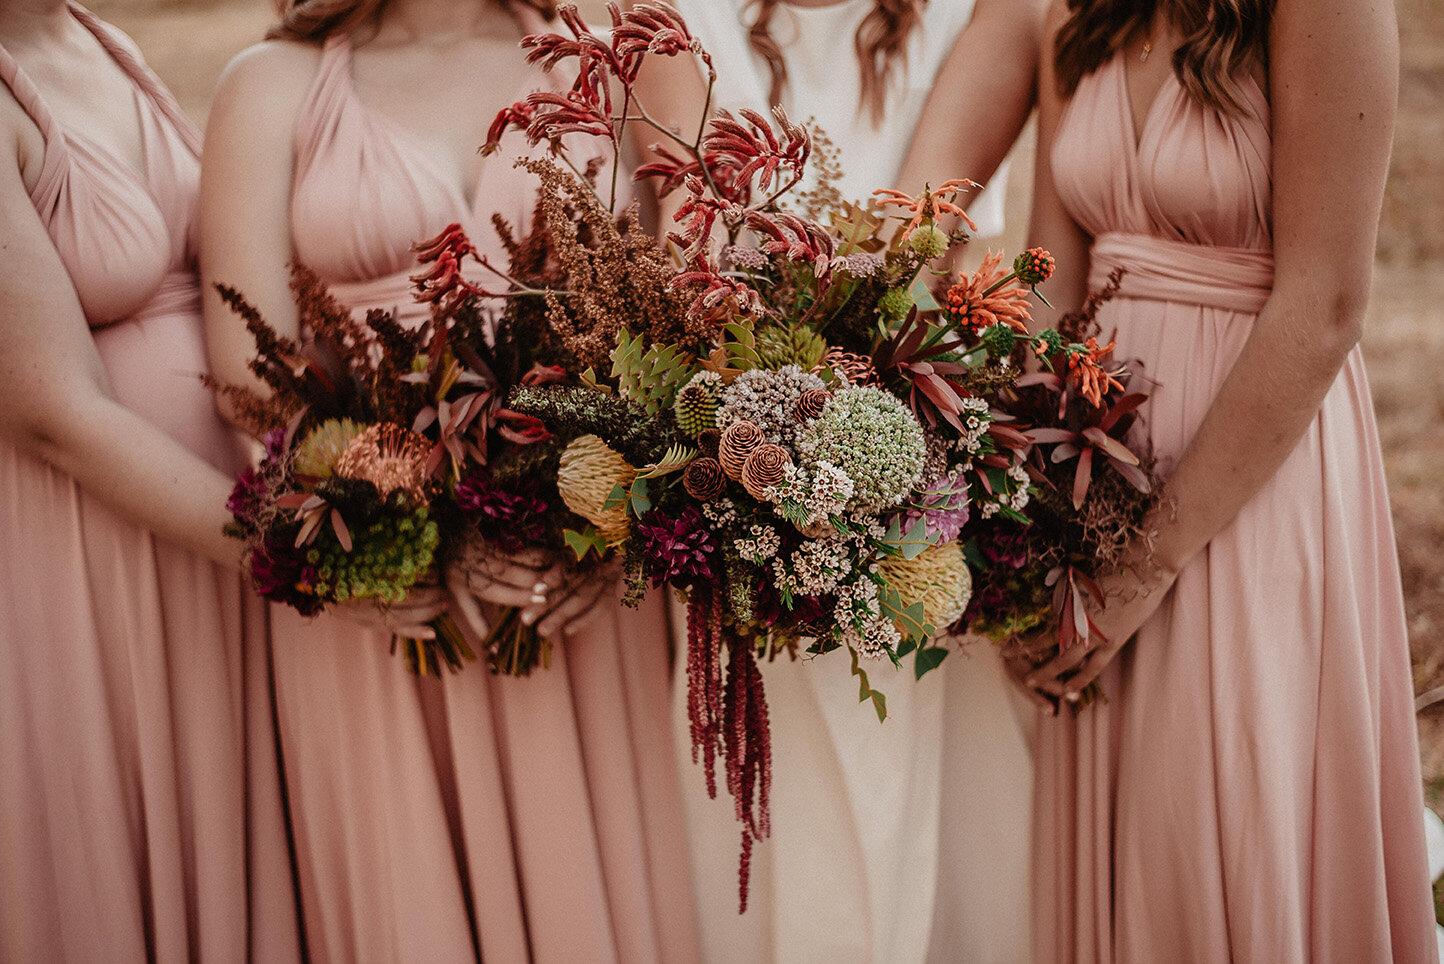 Bos_tents_events_weddings2.jpg